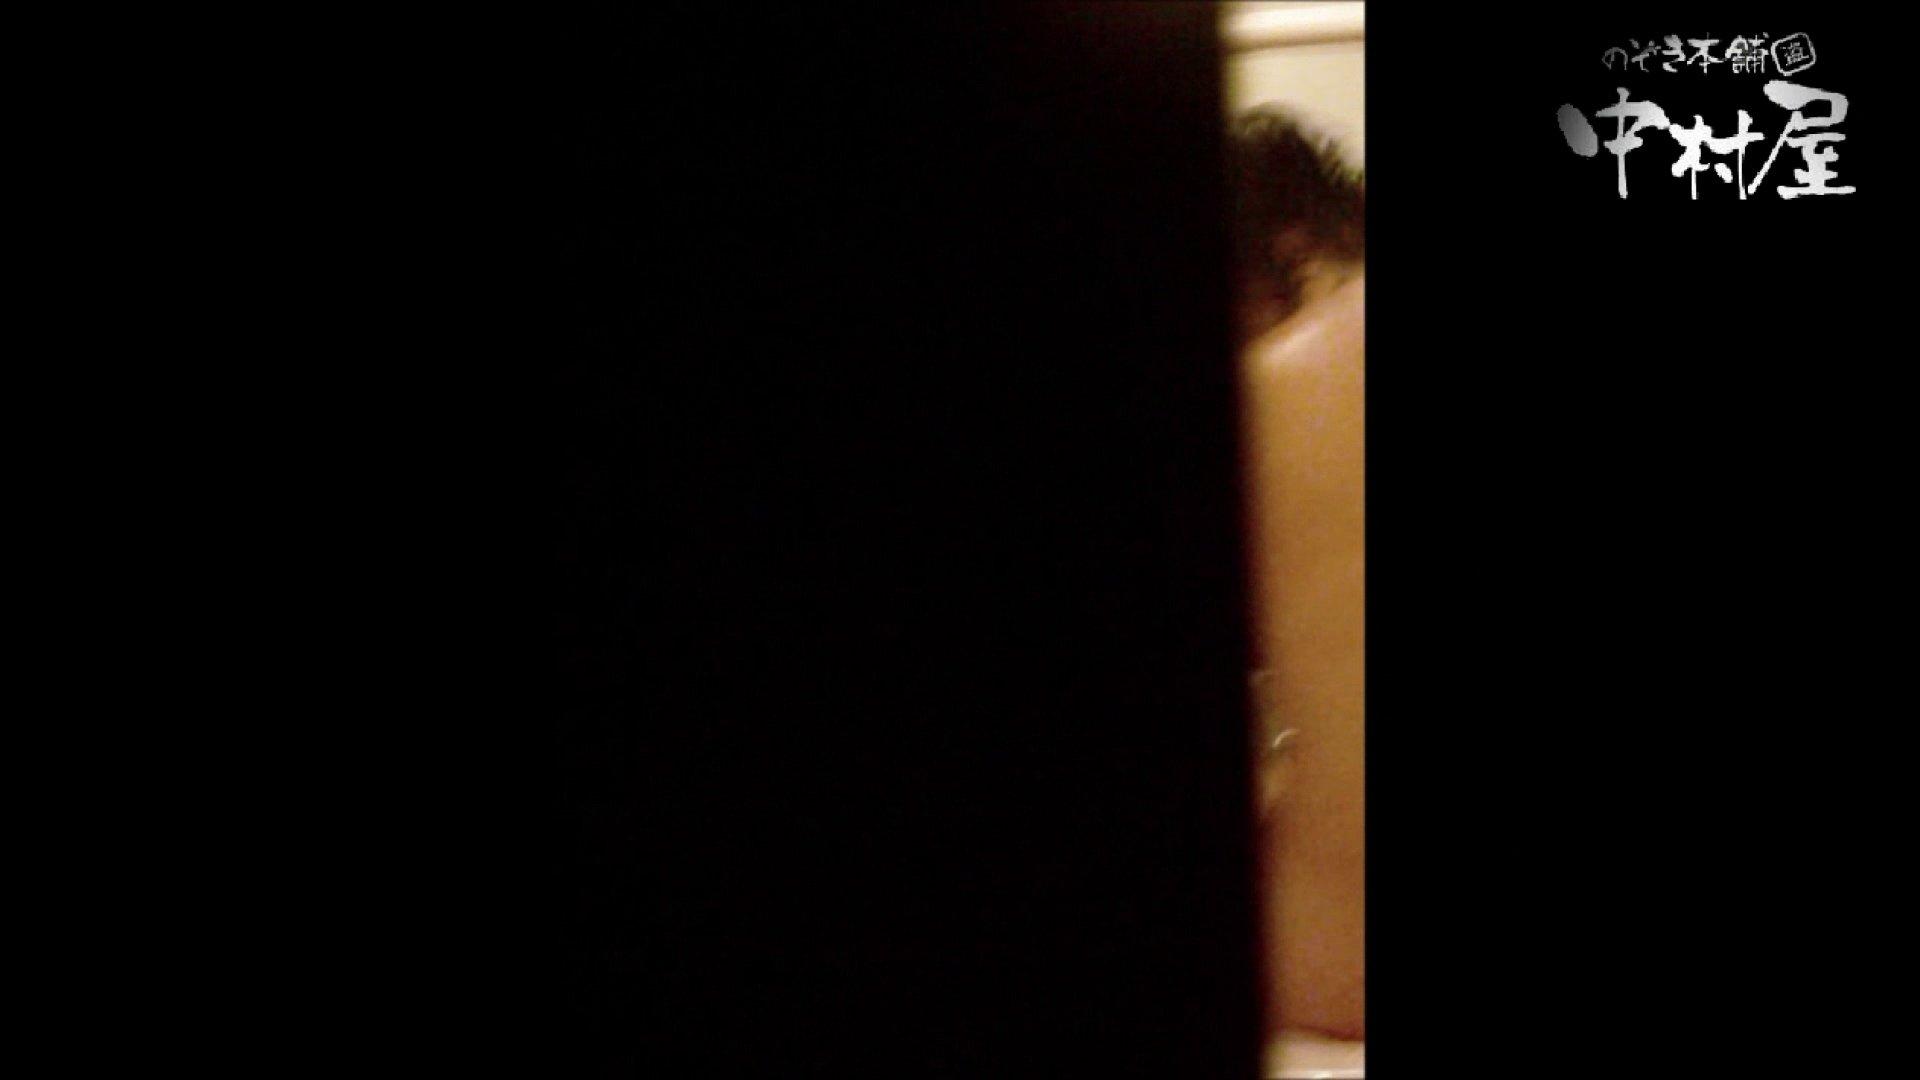 雅さんの独断と偏見で集めた動画集 民家Vol.6 ギャルのエロ動画  80PIX 63